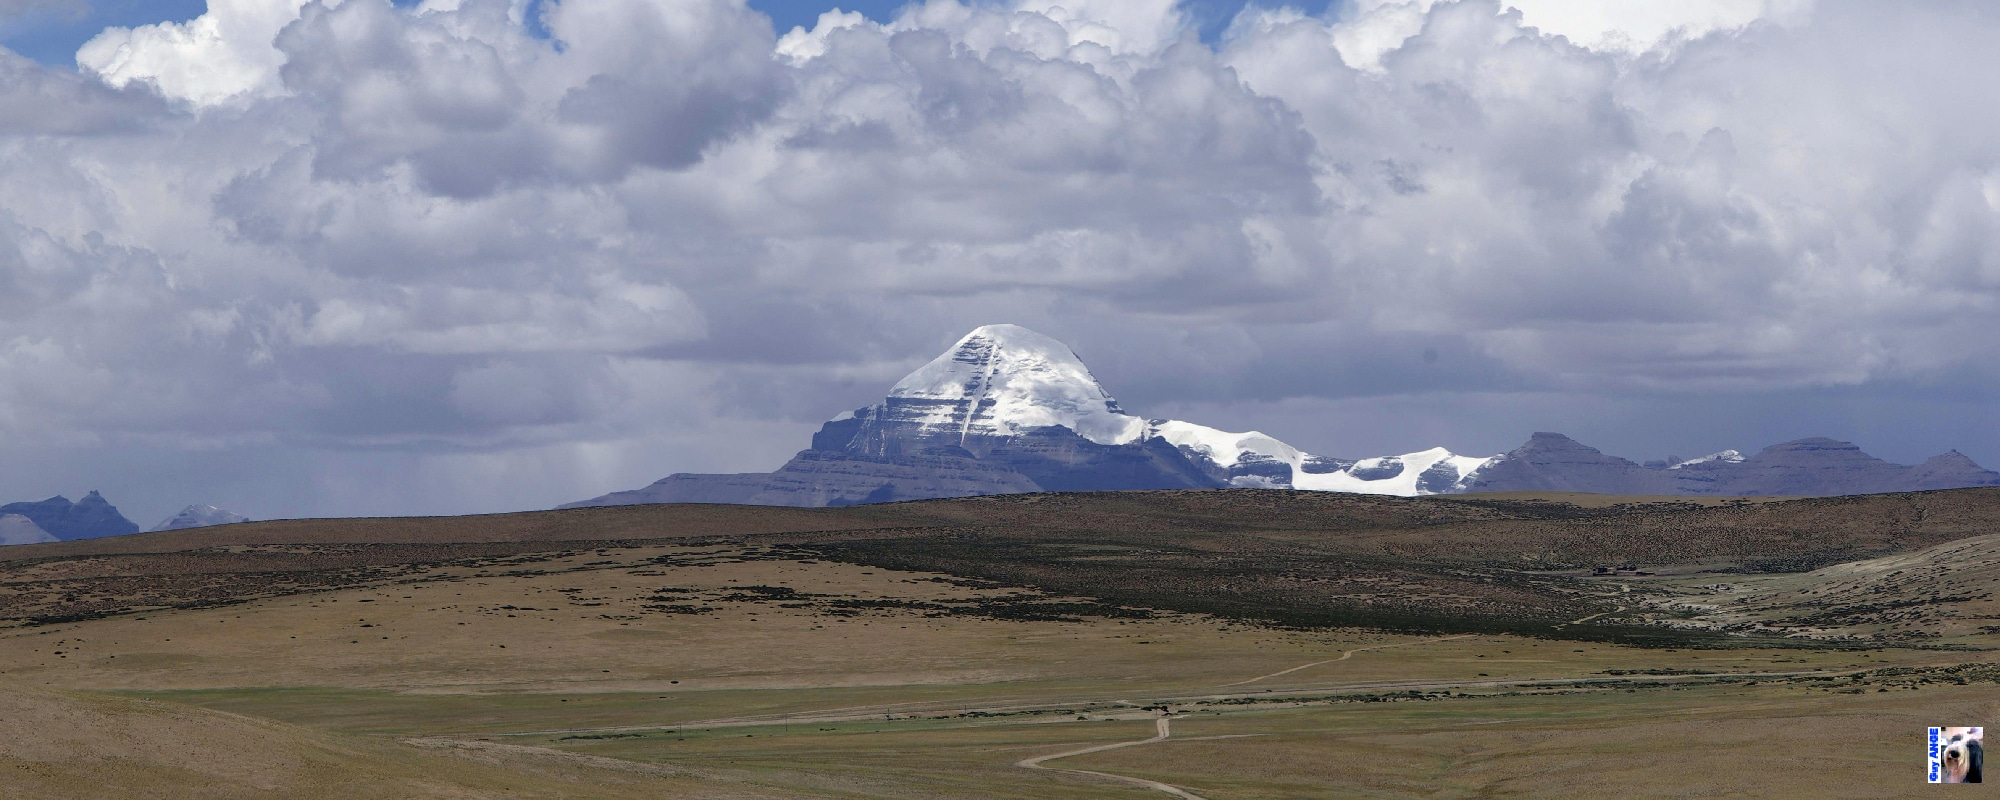 Le Mont sacré du Kailash au Tibet.